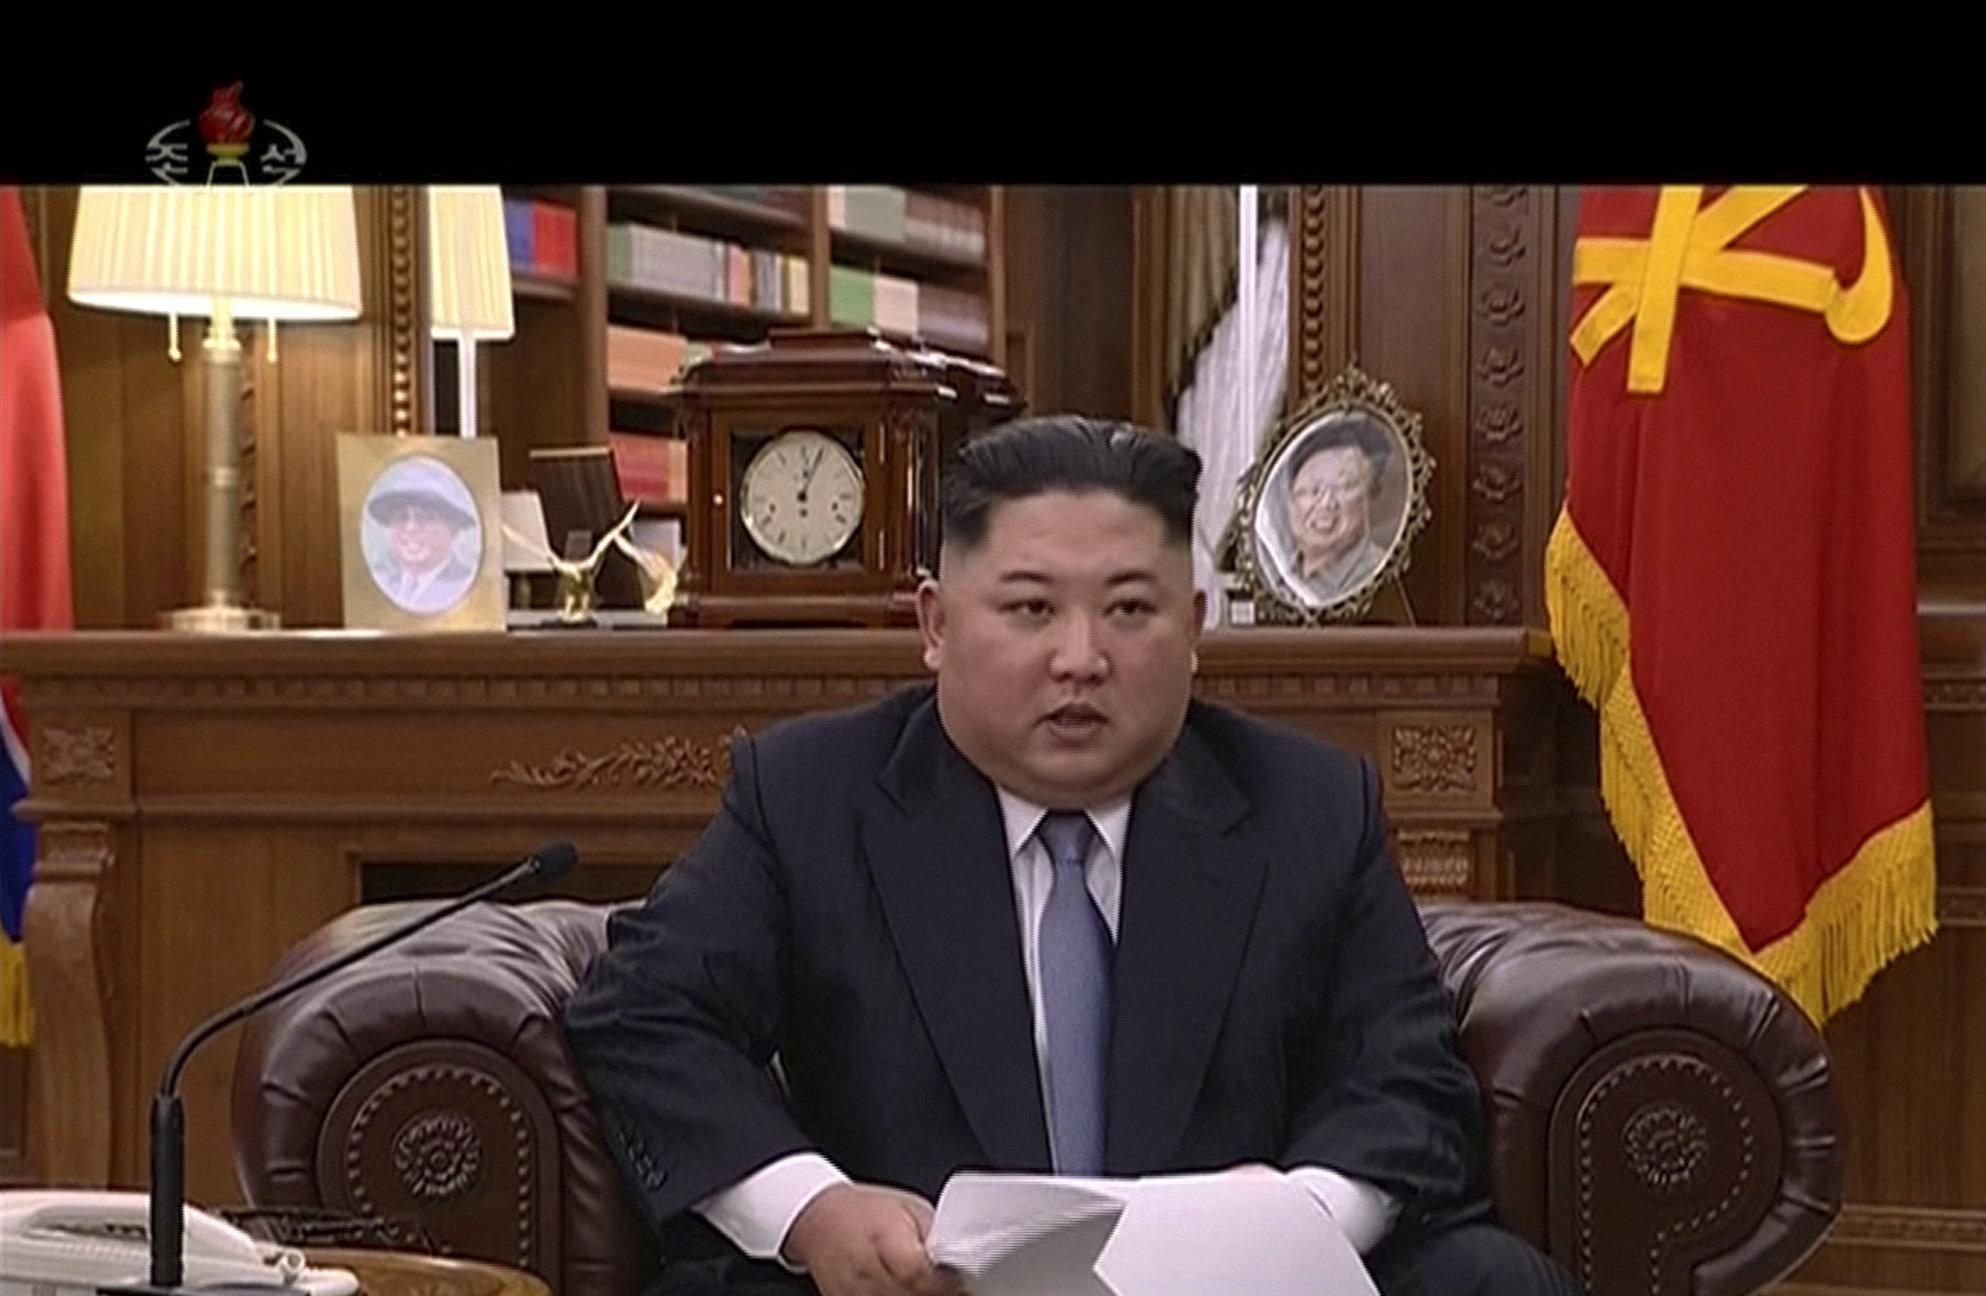 Kim Jong-un bei seiner Neujahrsrede.